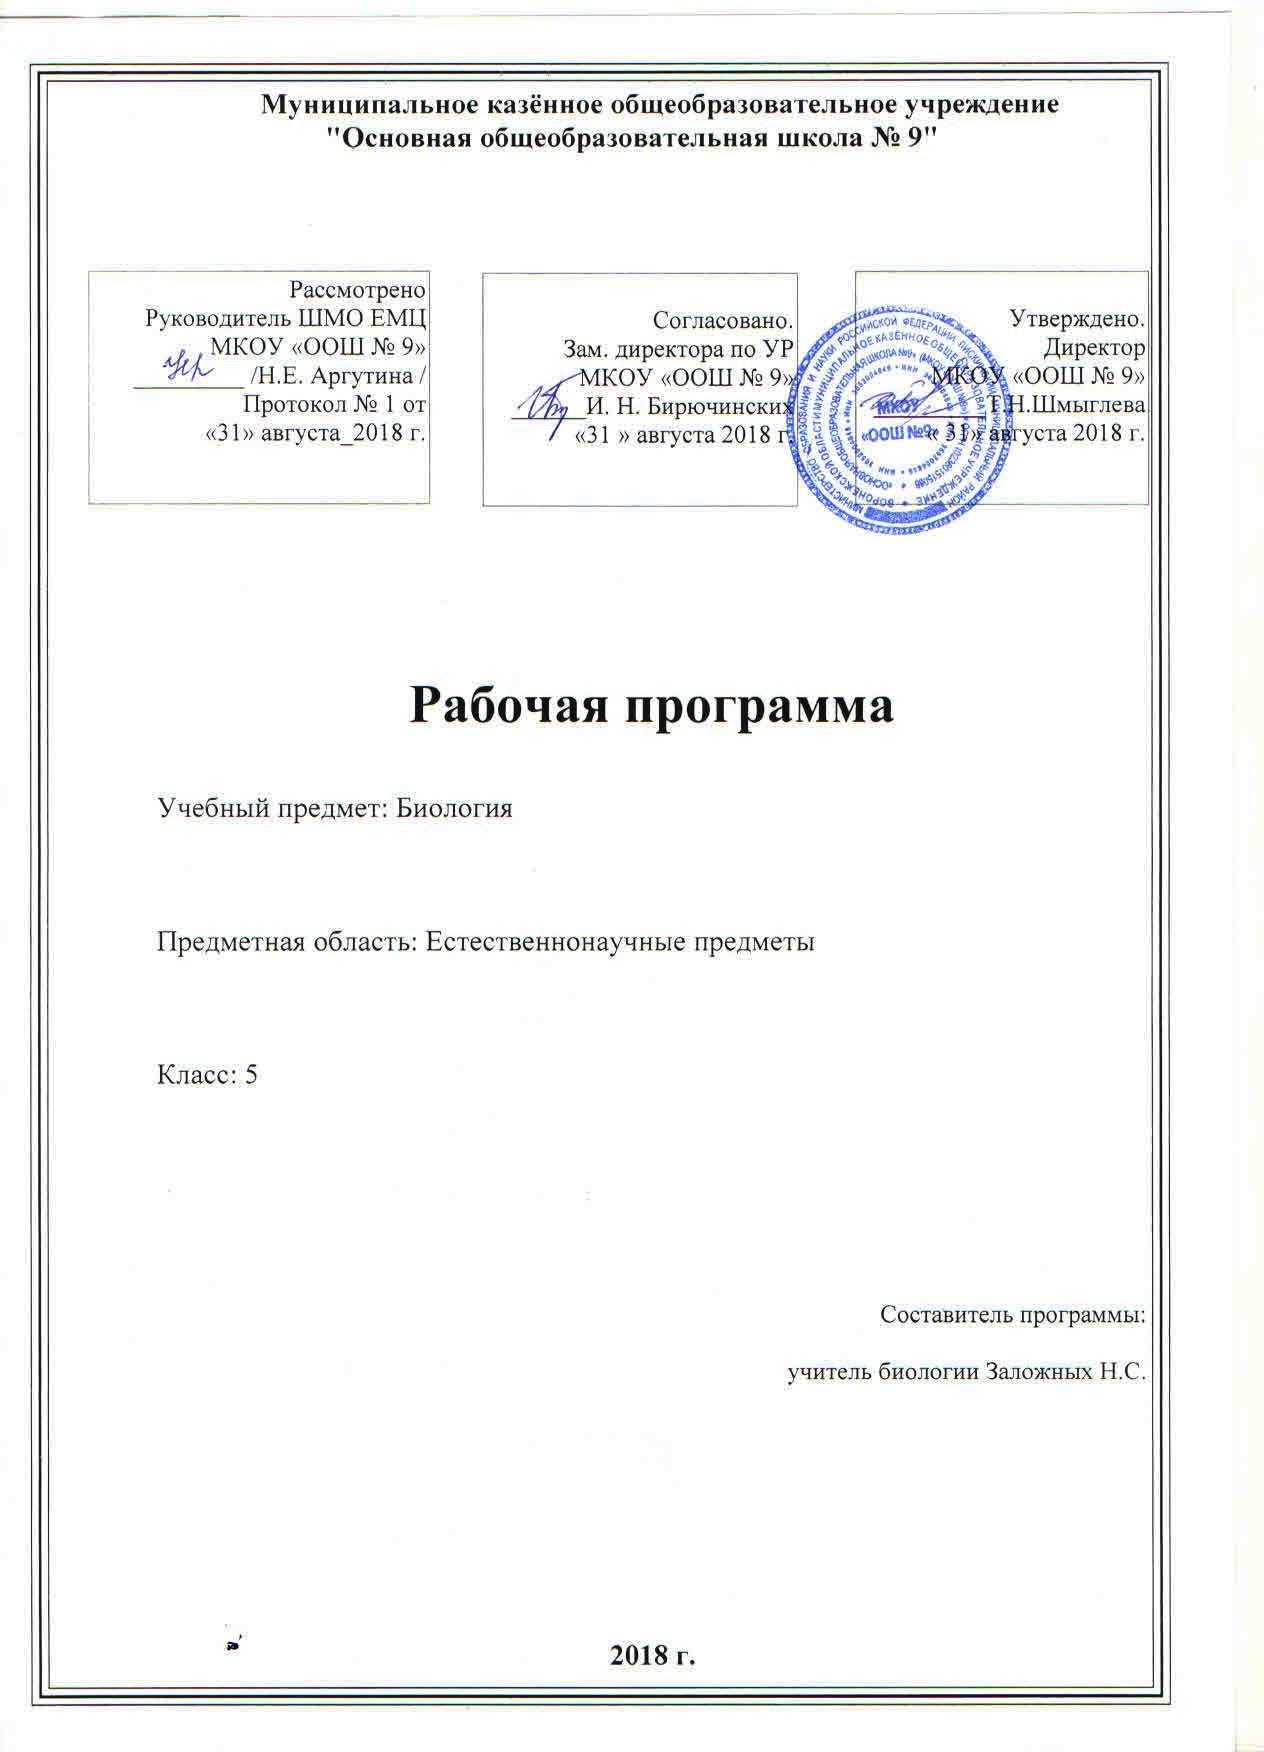 webtutor rencredit ru